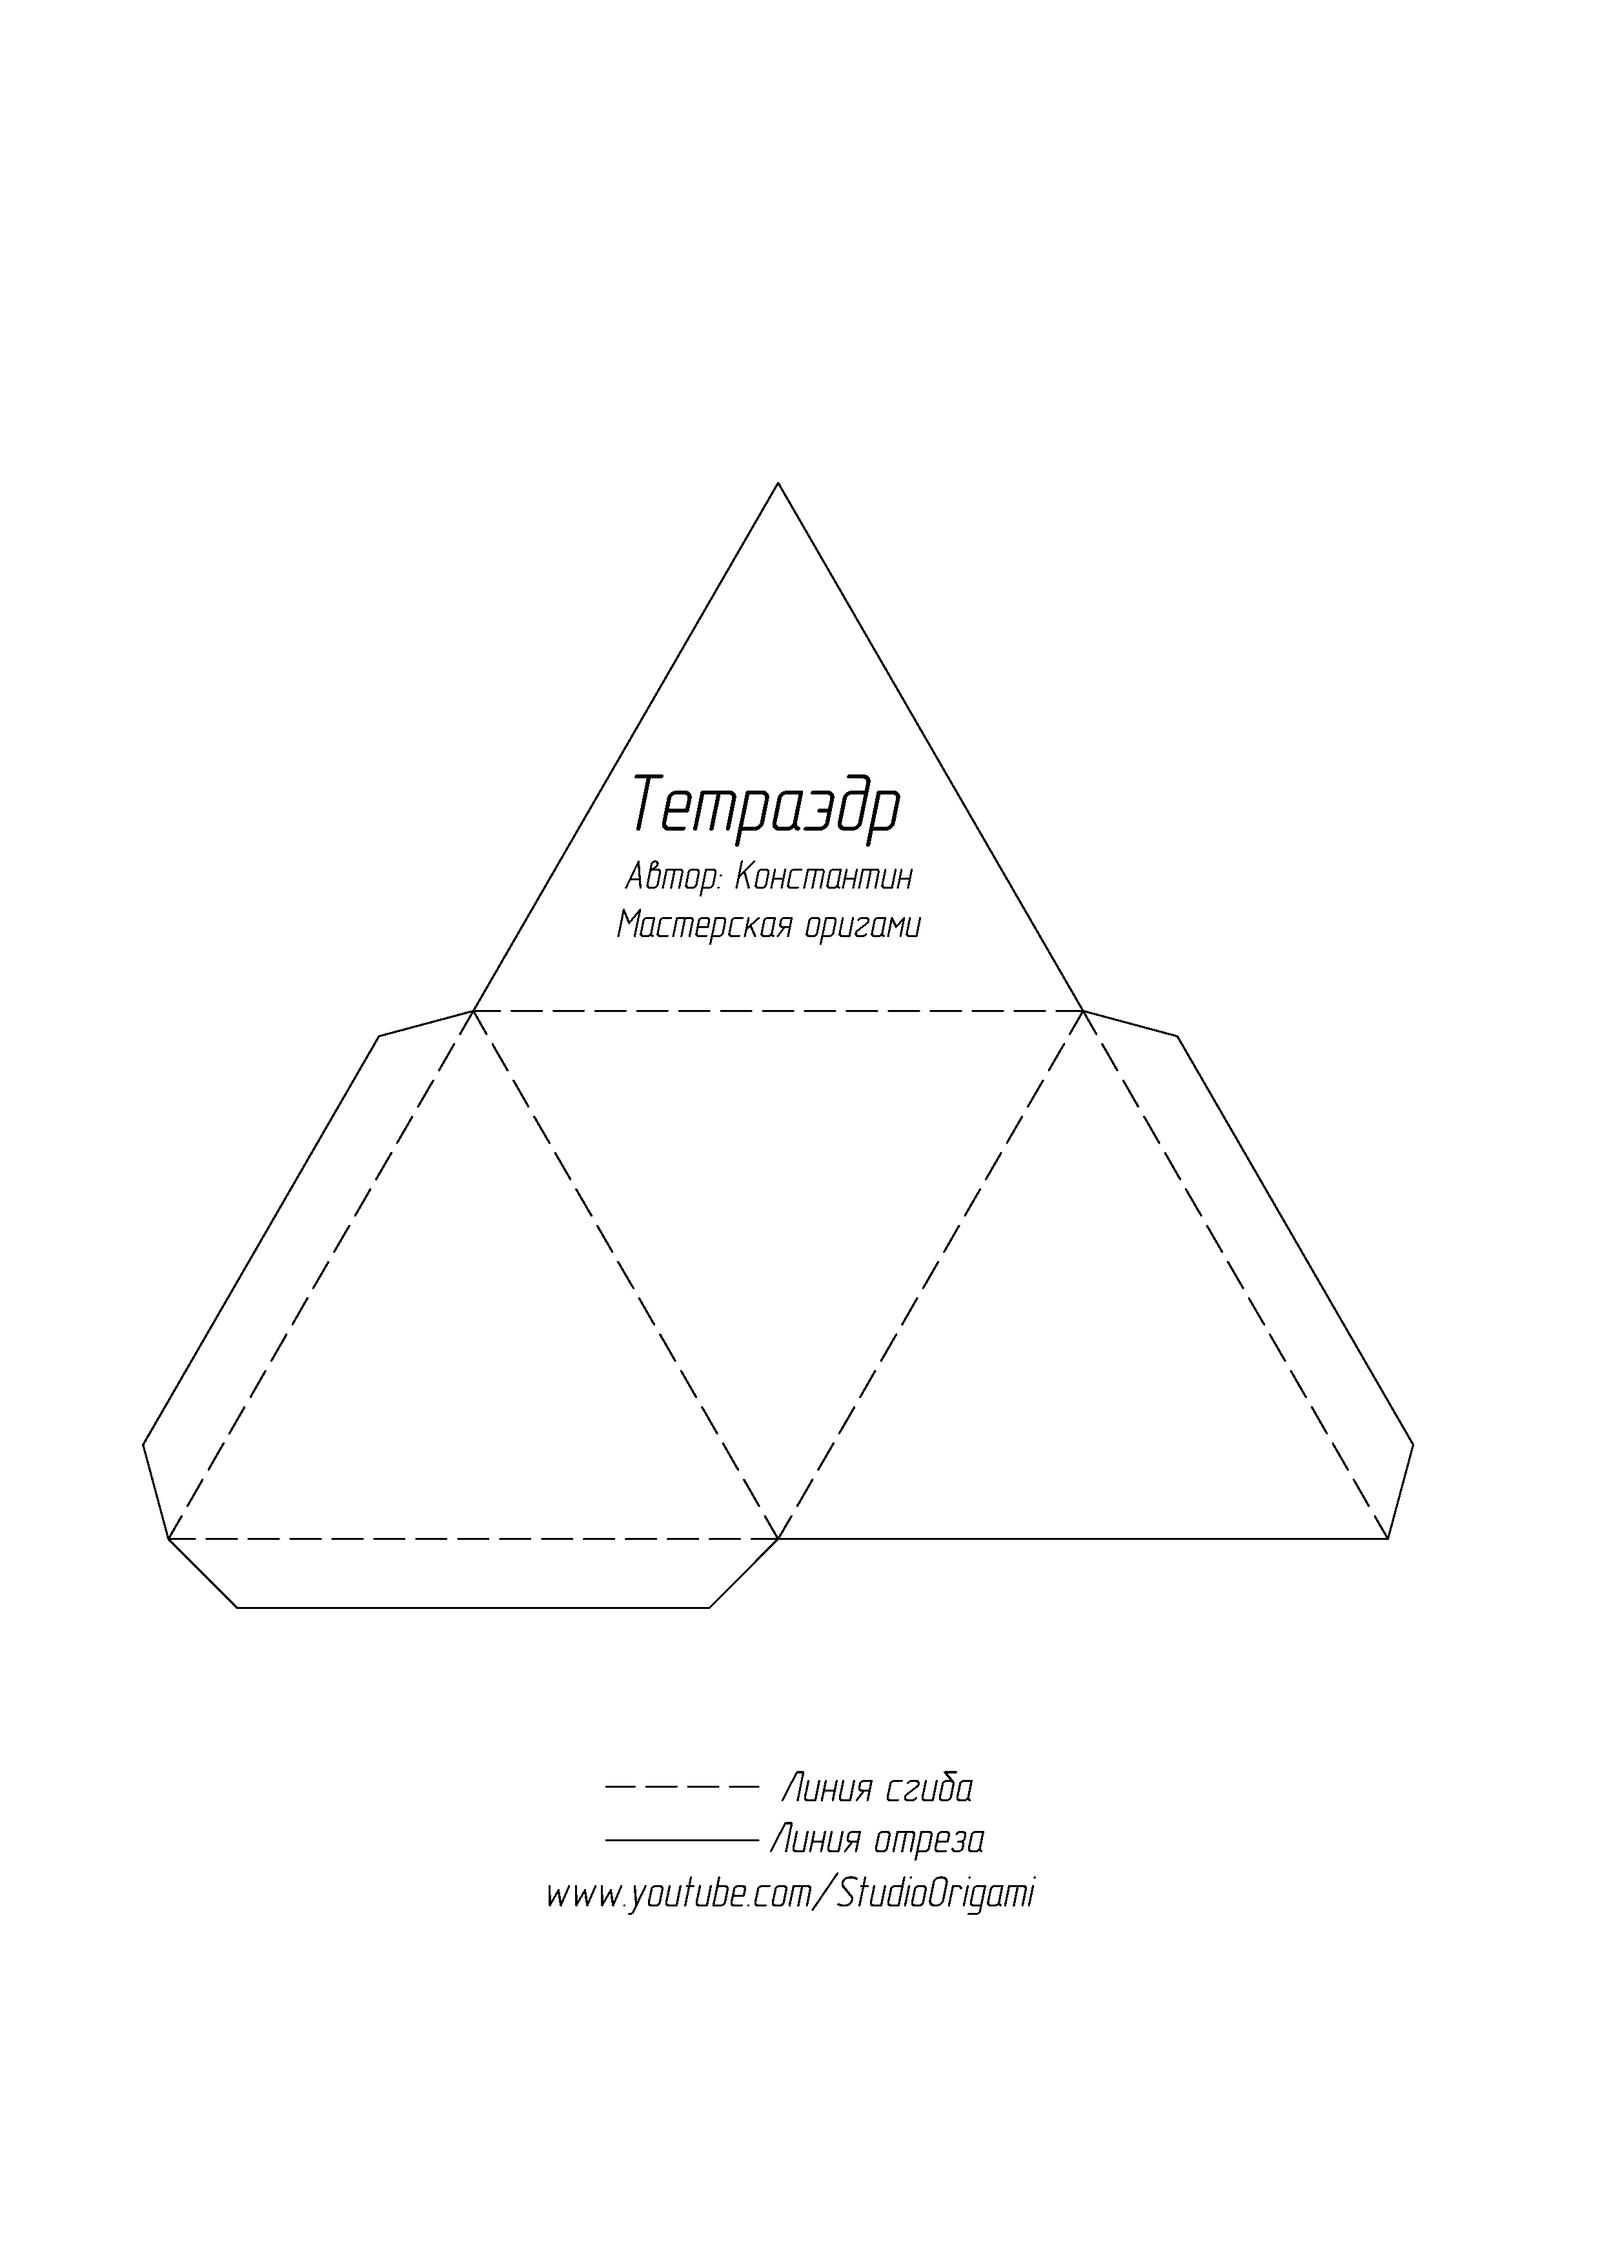 Как сделать пирамиду чертеж фото 821